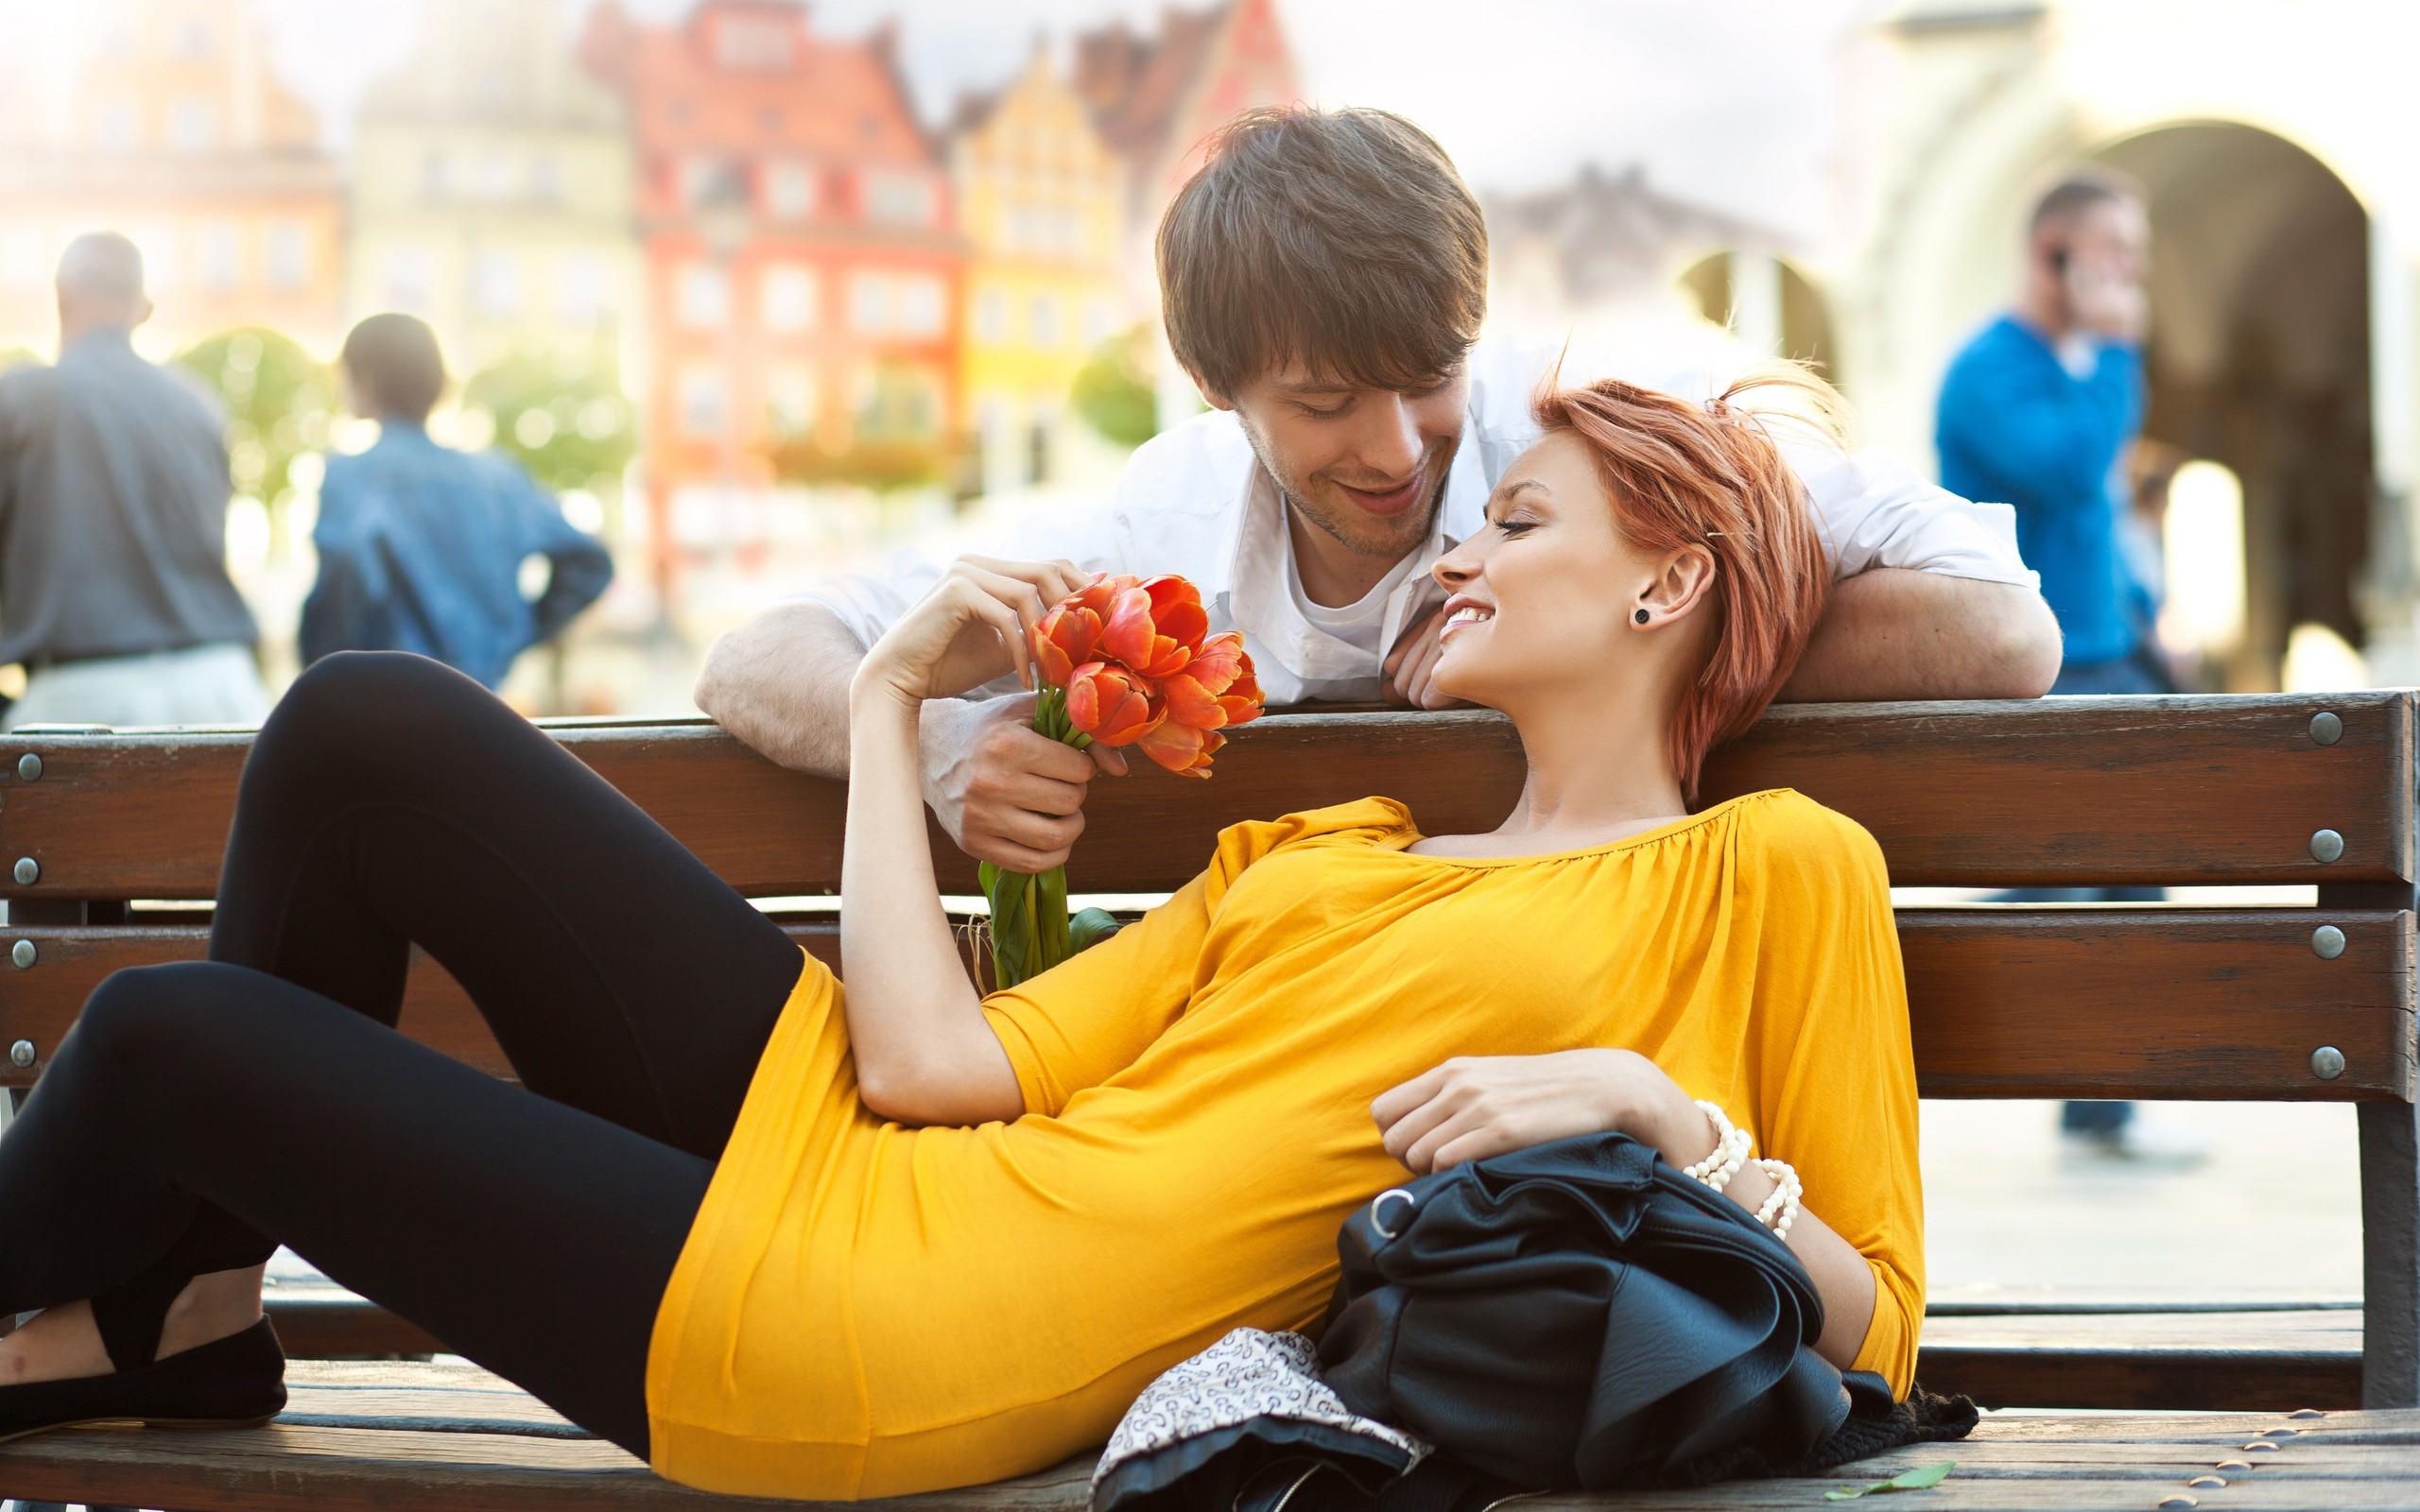 9 أسباب تجعل الآخر يقع في حبك!